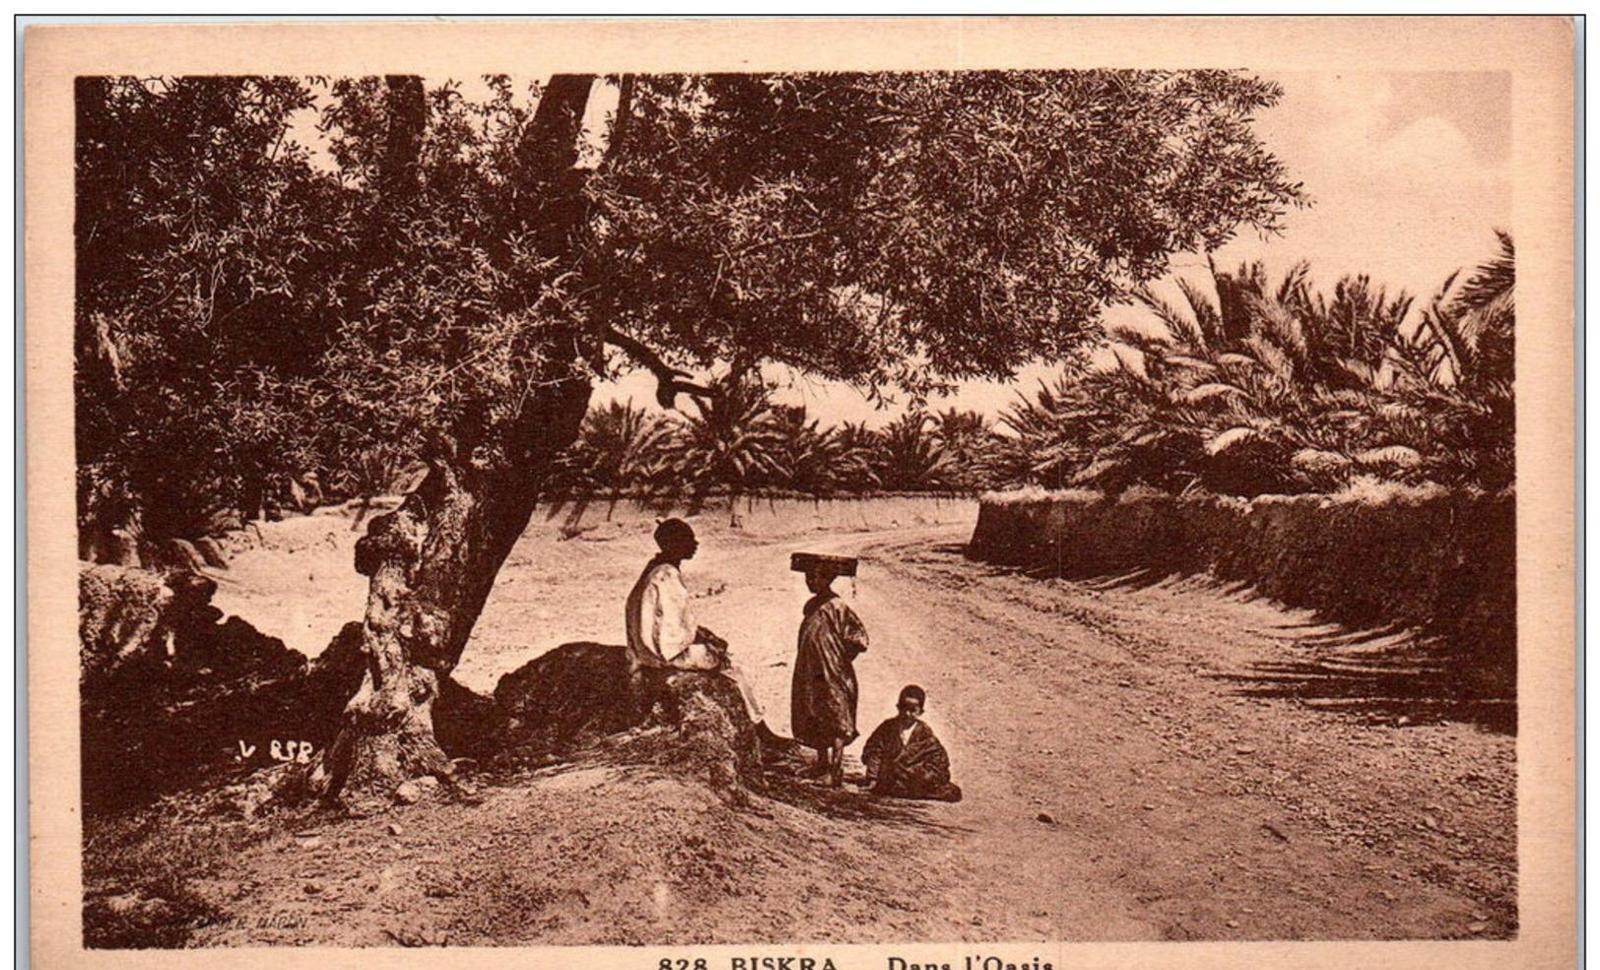 Biskra - ALGERIE - BISKRA - dans l'oasis ---